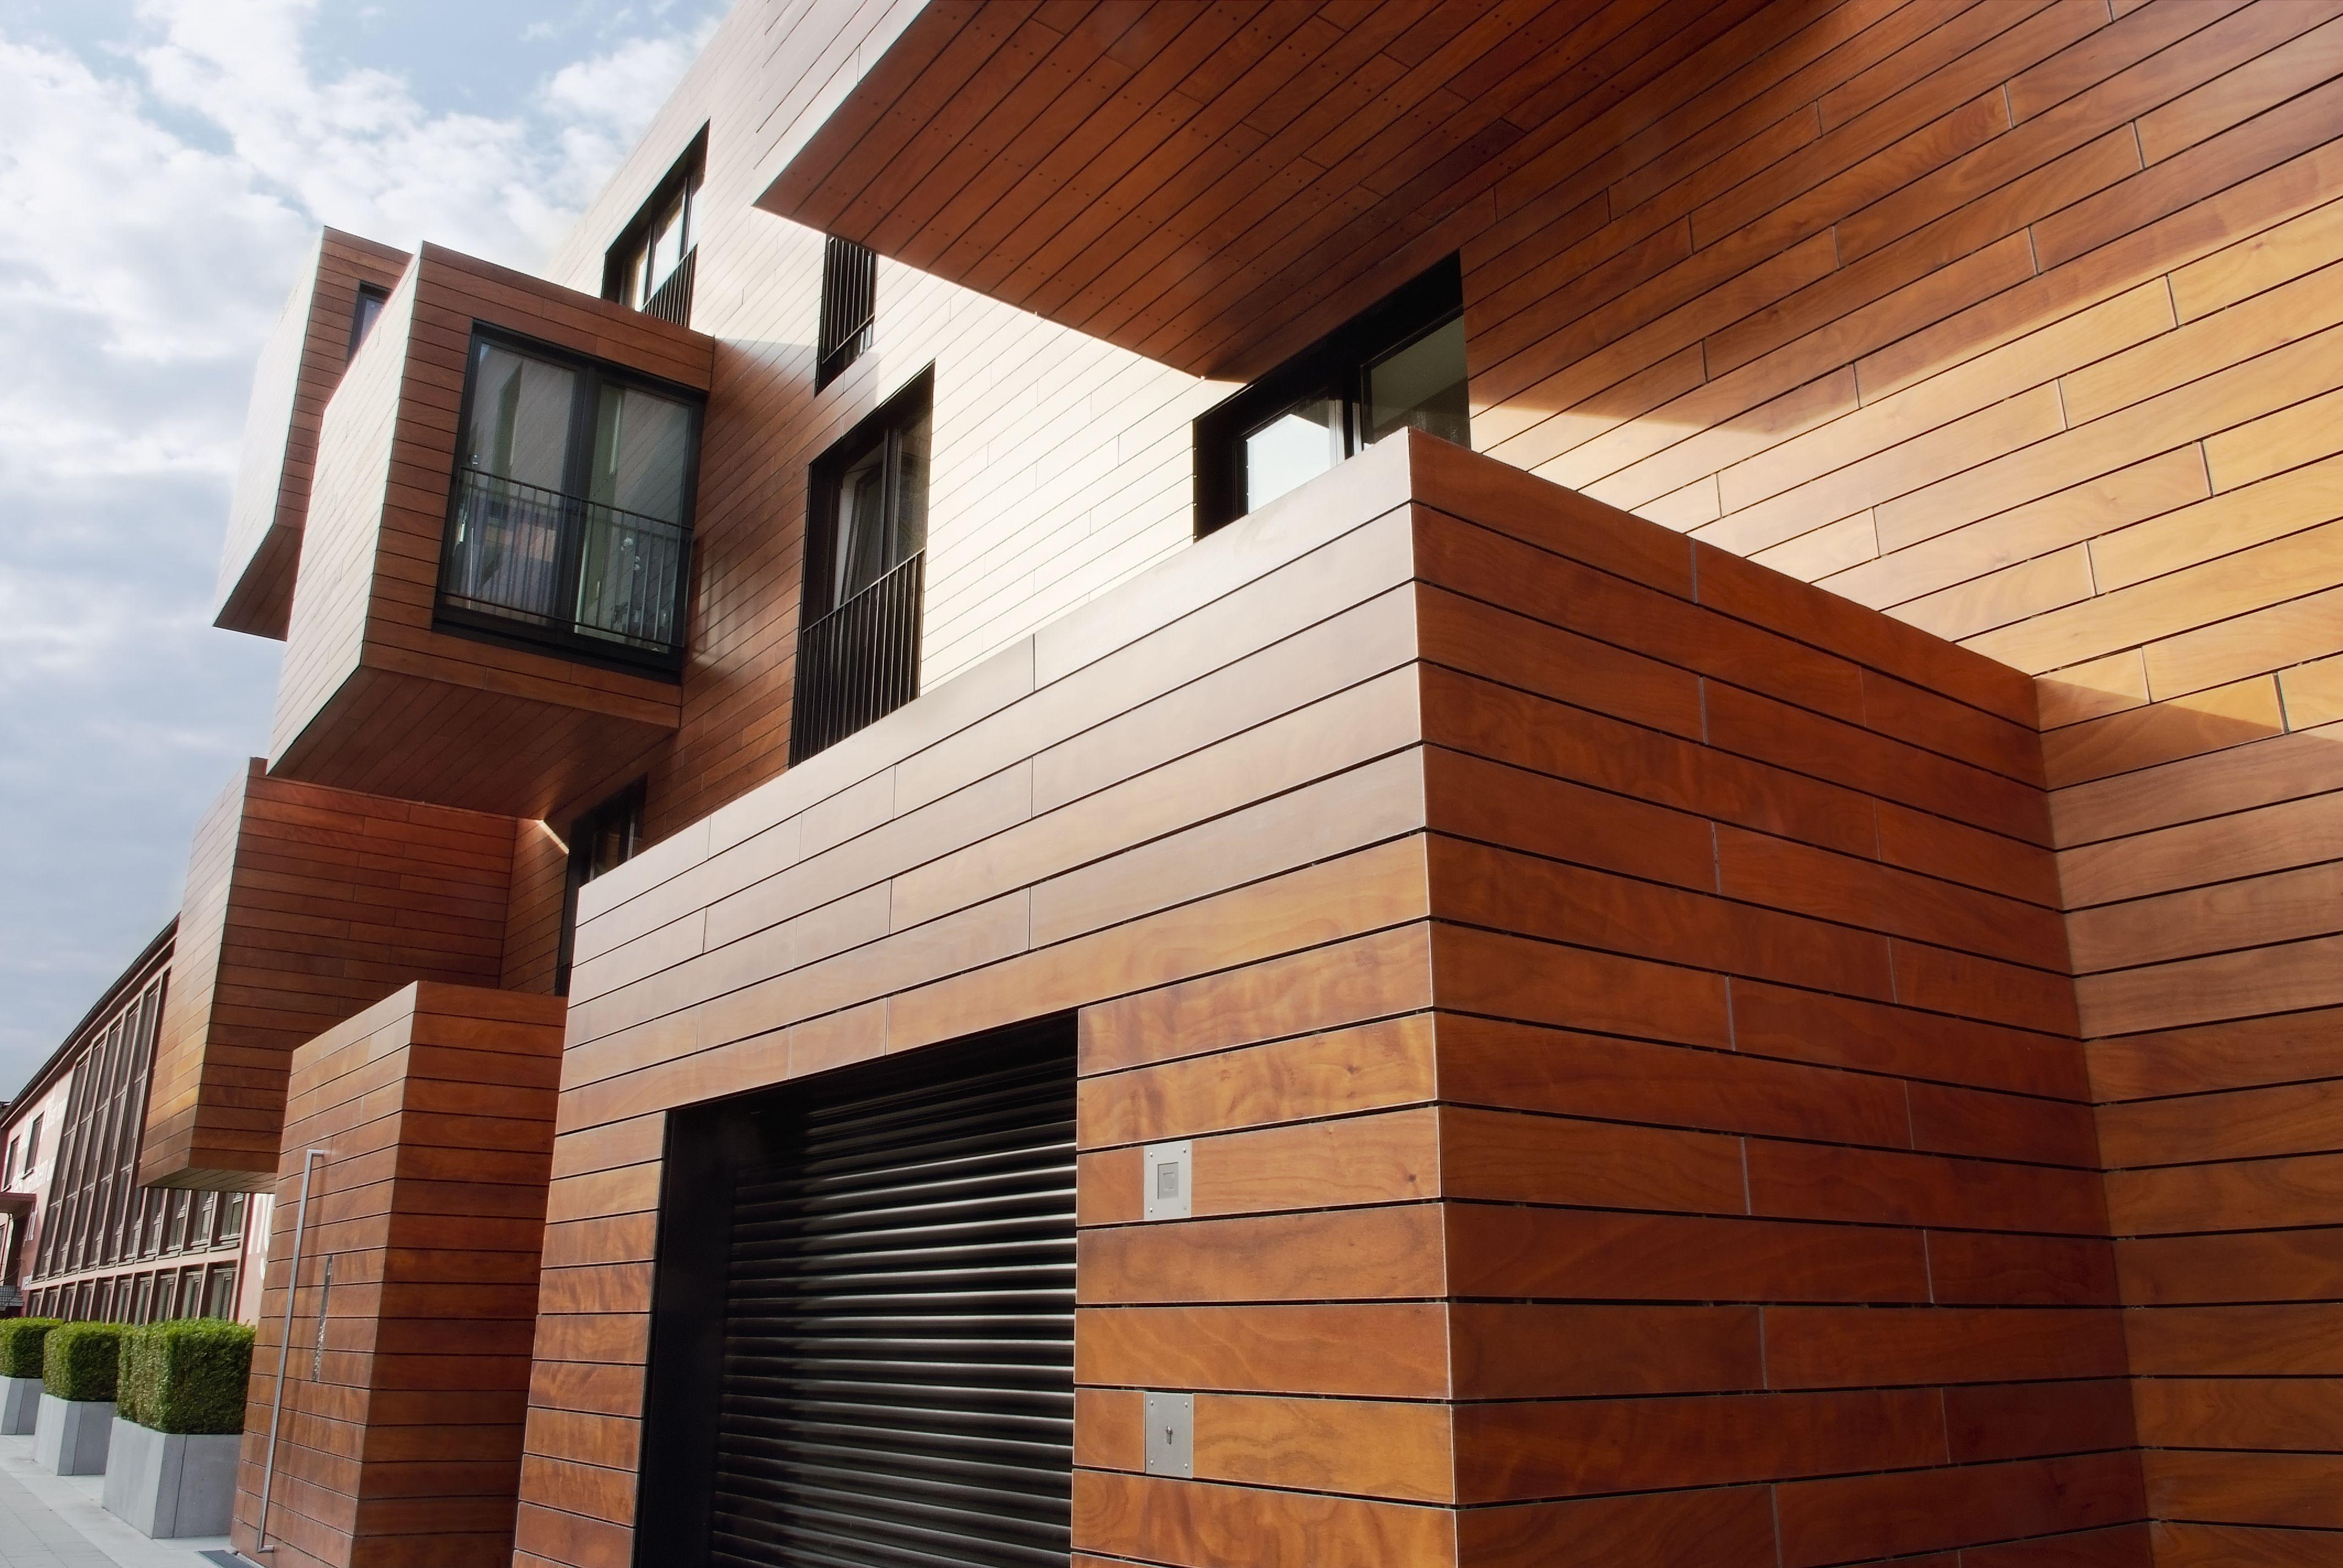 Casas de madera sostenibles en Ezcaray